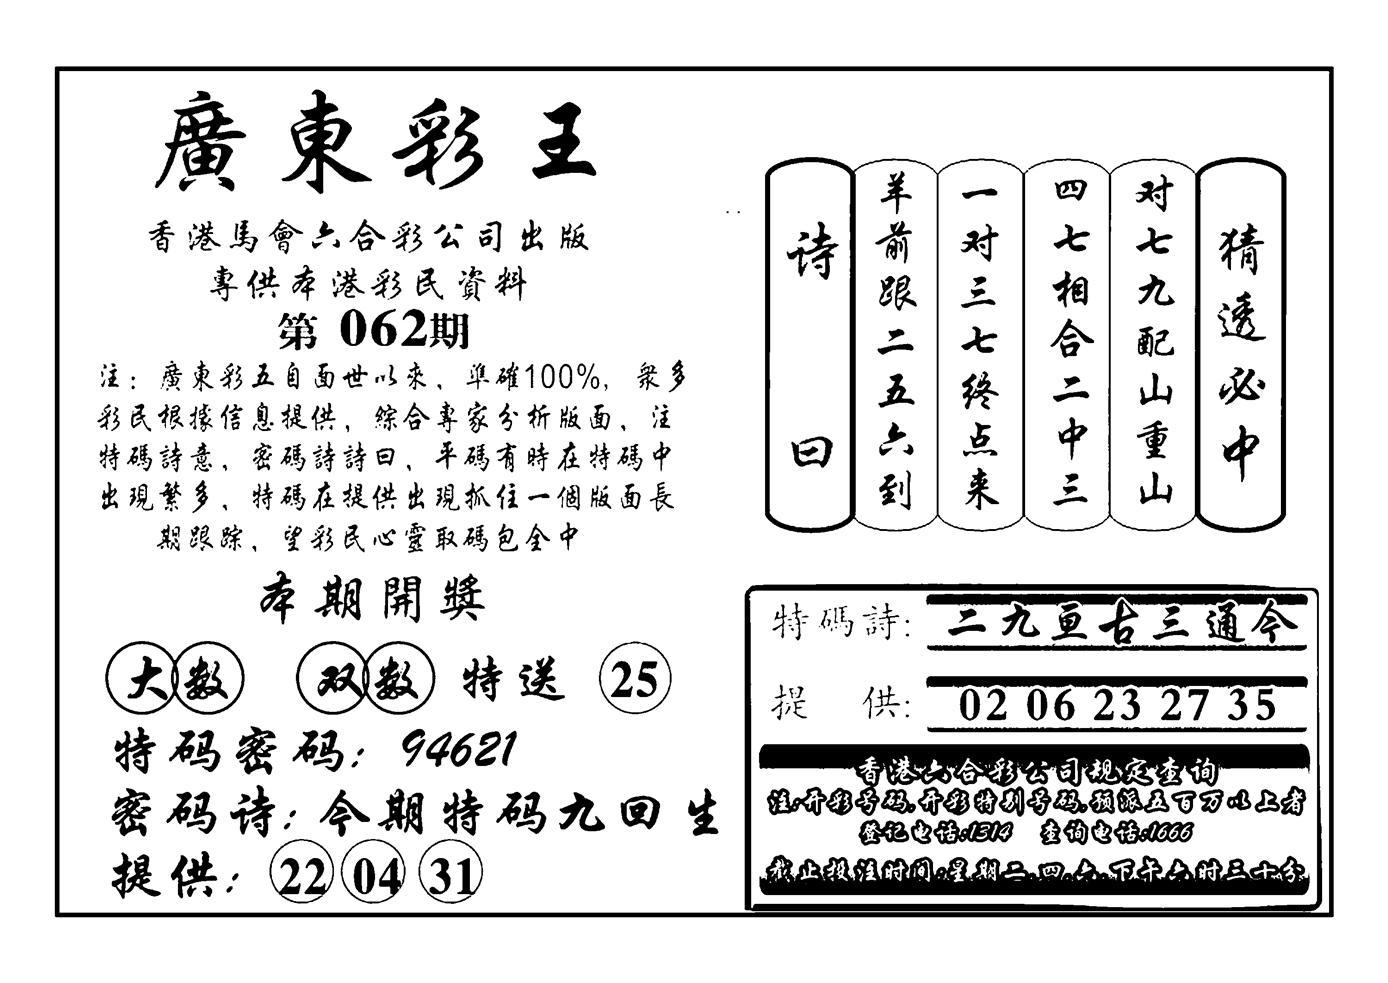 062期广东彩王(黑白)